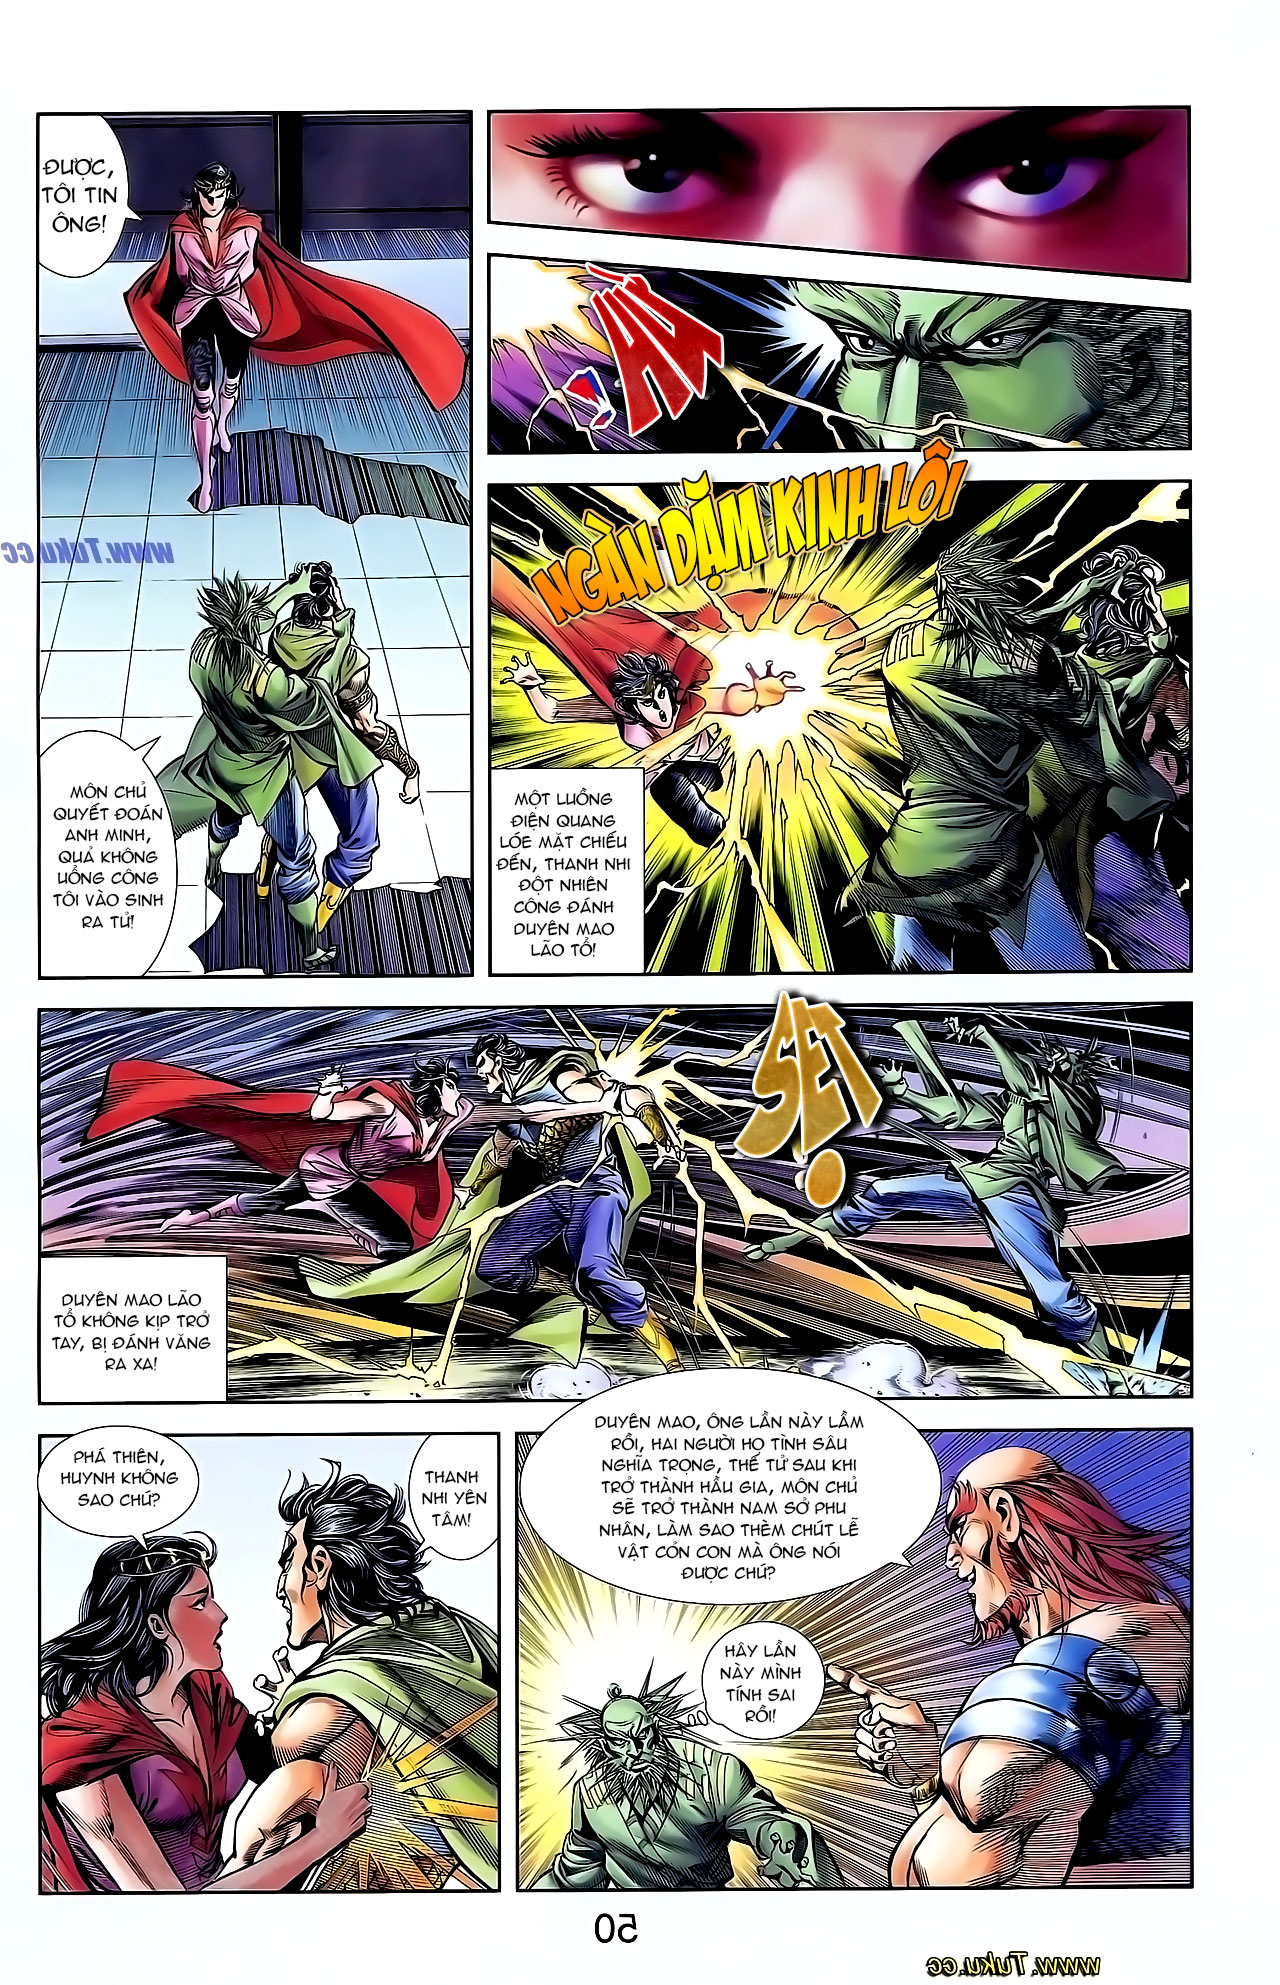 Cơ Phát Khai Chu Bản chapter 127 trang 9